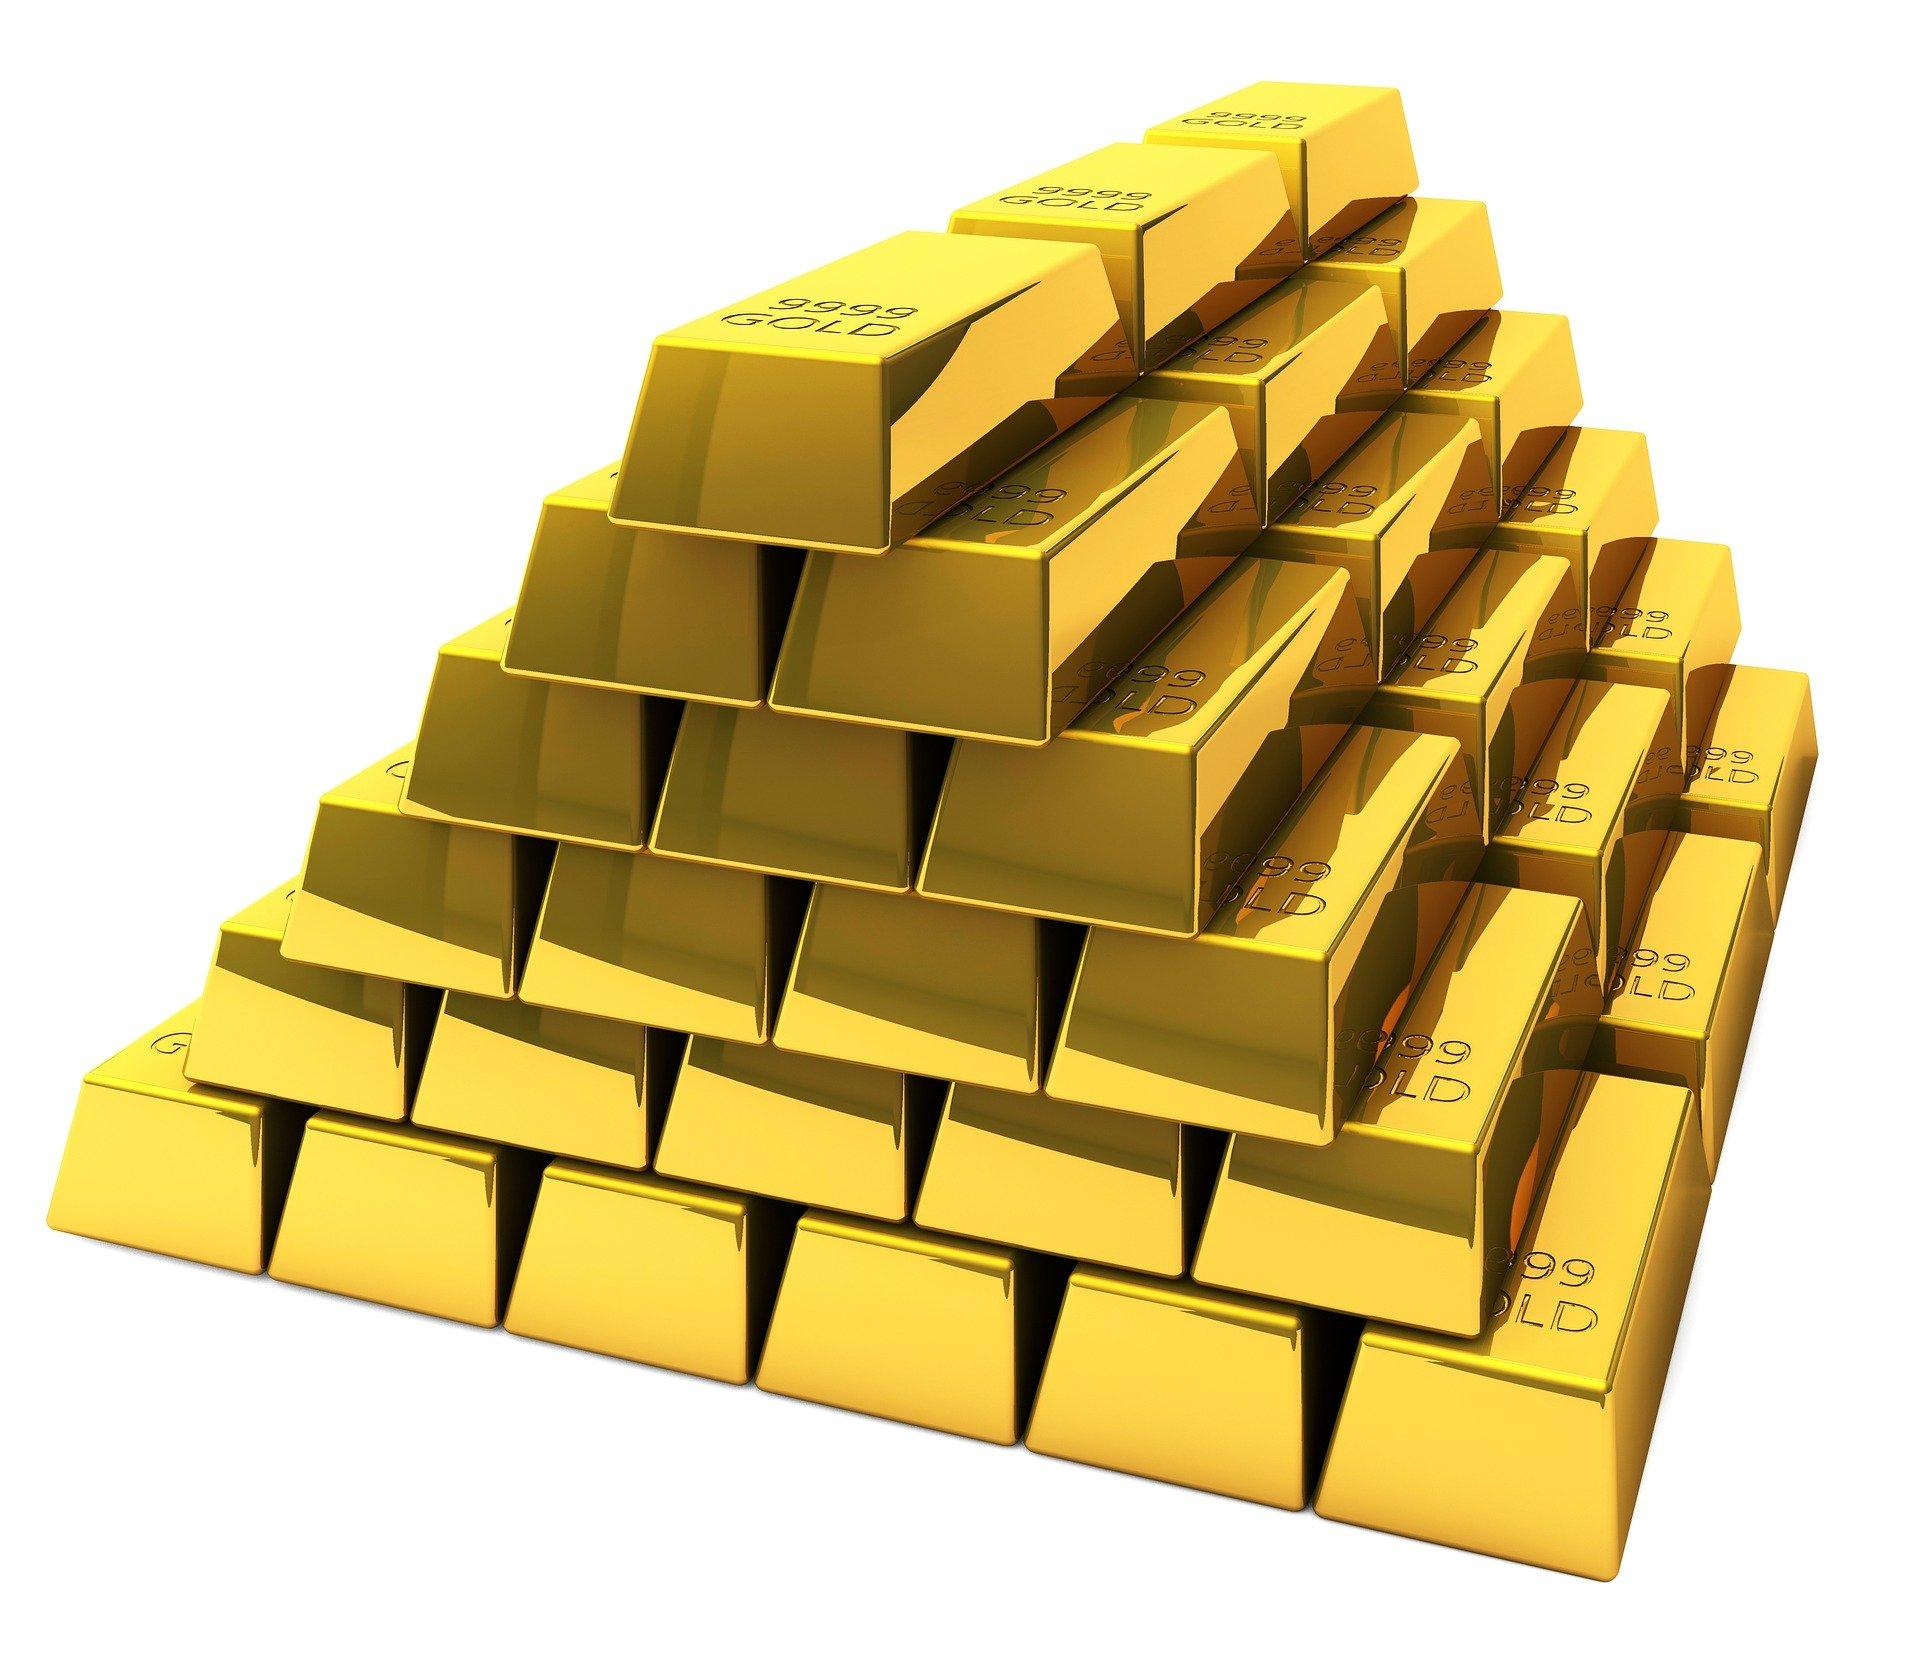 금 투자 사재기